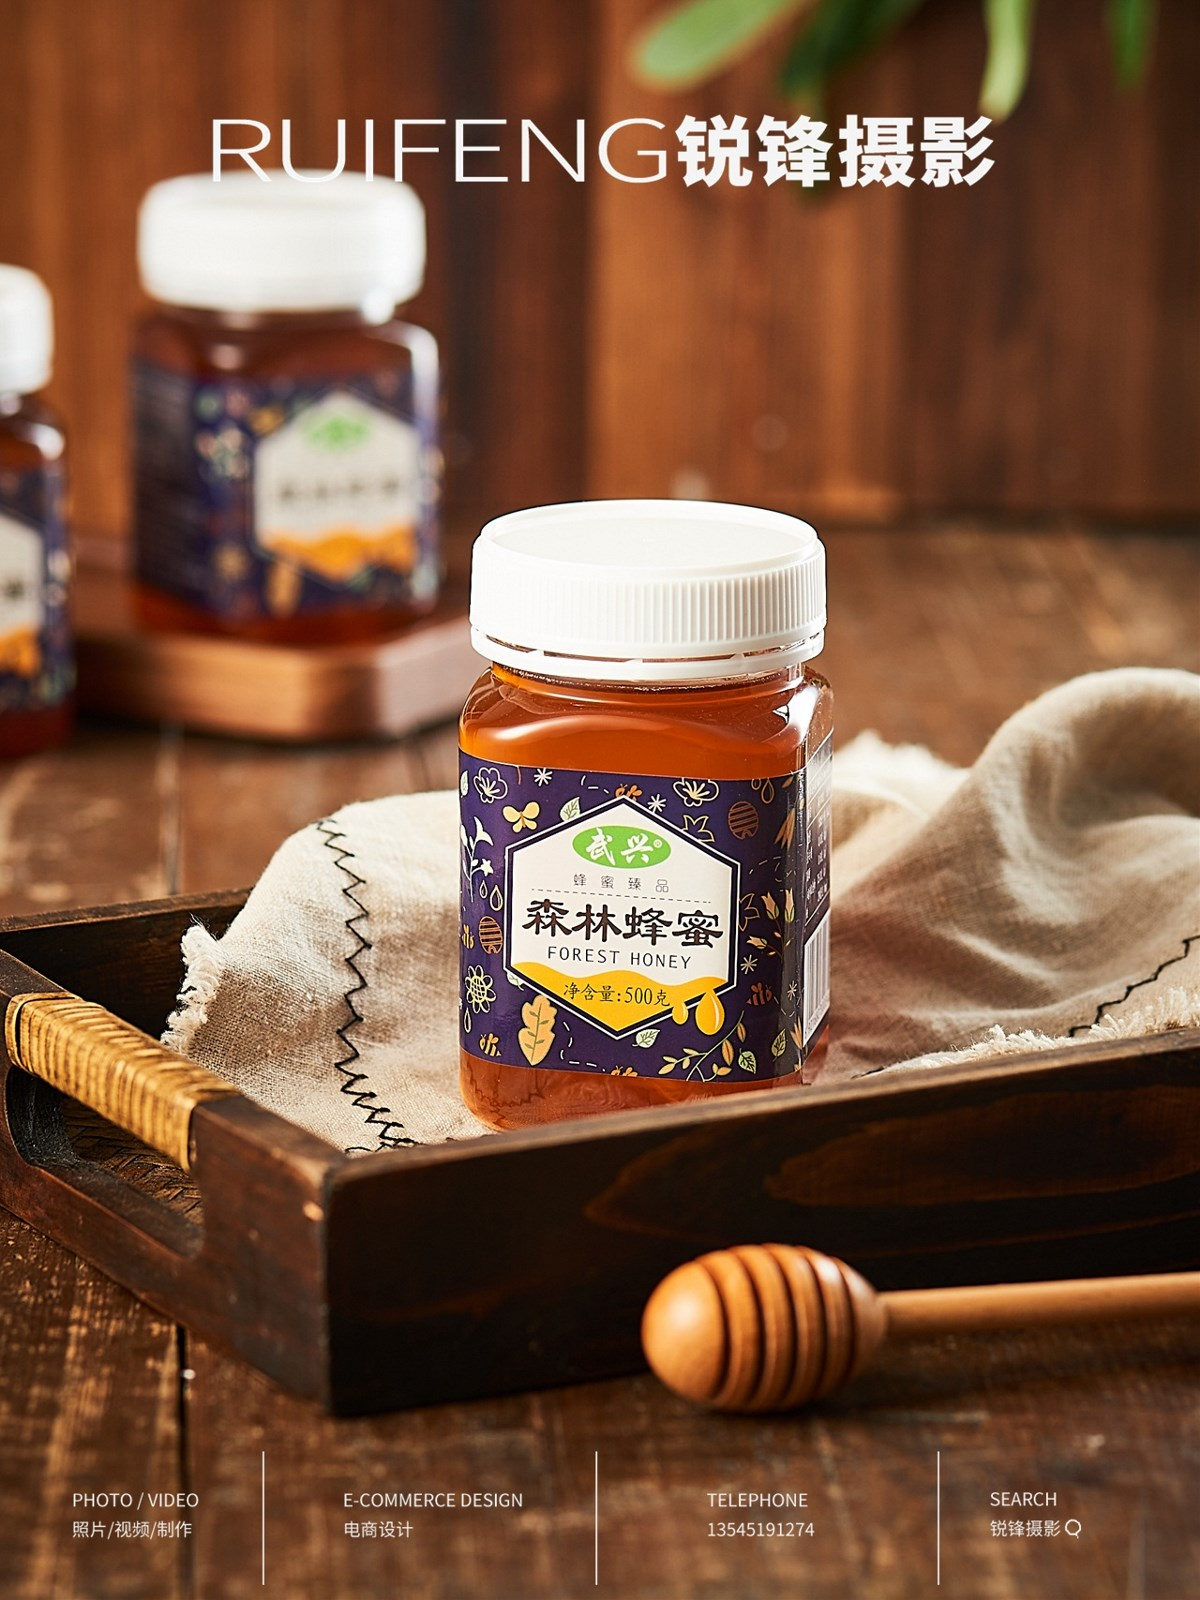 武汉食品摄影|农家蜂蜜拍摄|农副产品|RUIFENG锐锋摄影工作室|合作咨询/技术交流13545191274